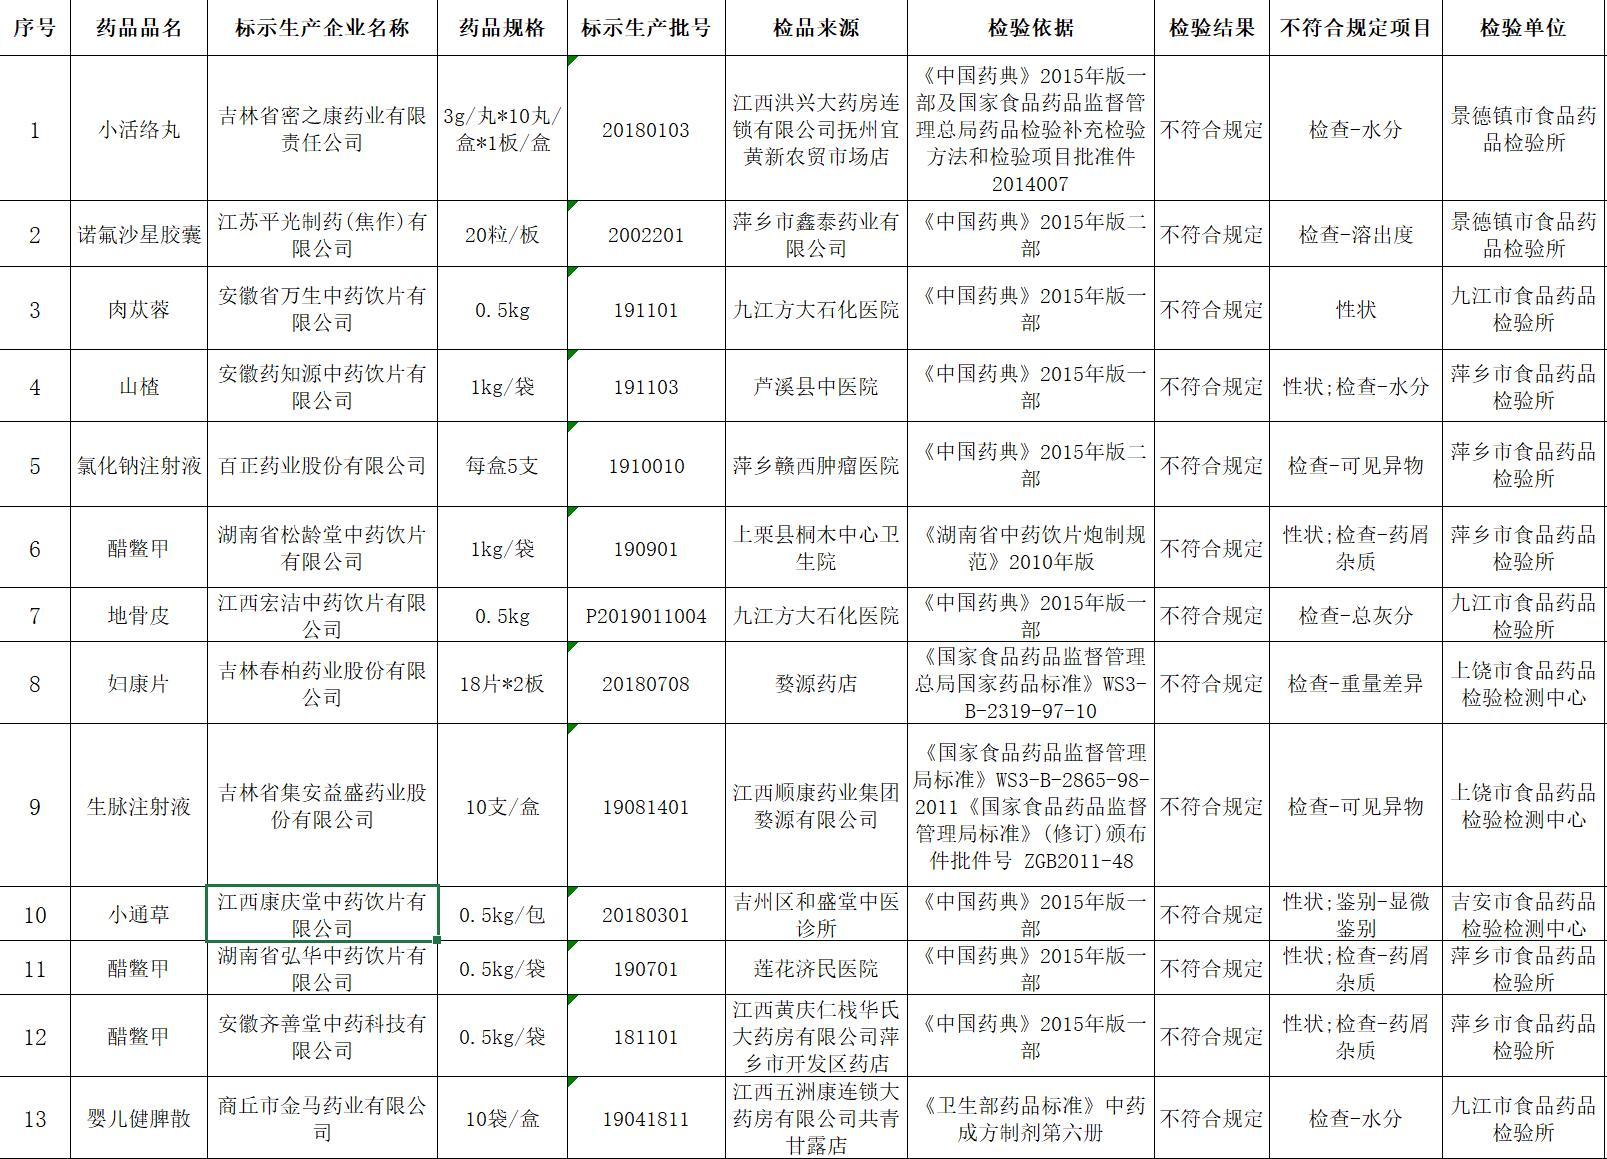 江西省药监局:13批次药品不符合标准 已责成停售召回图片